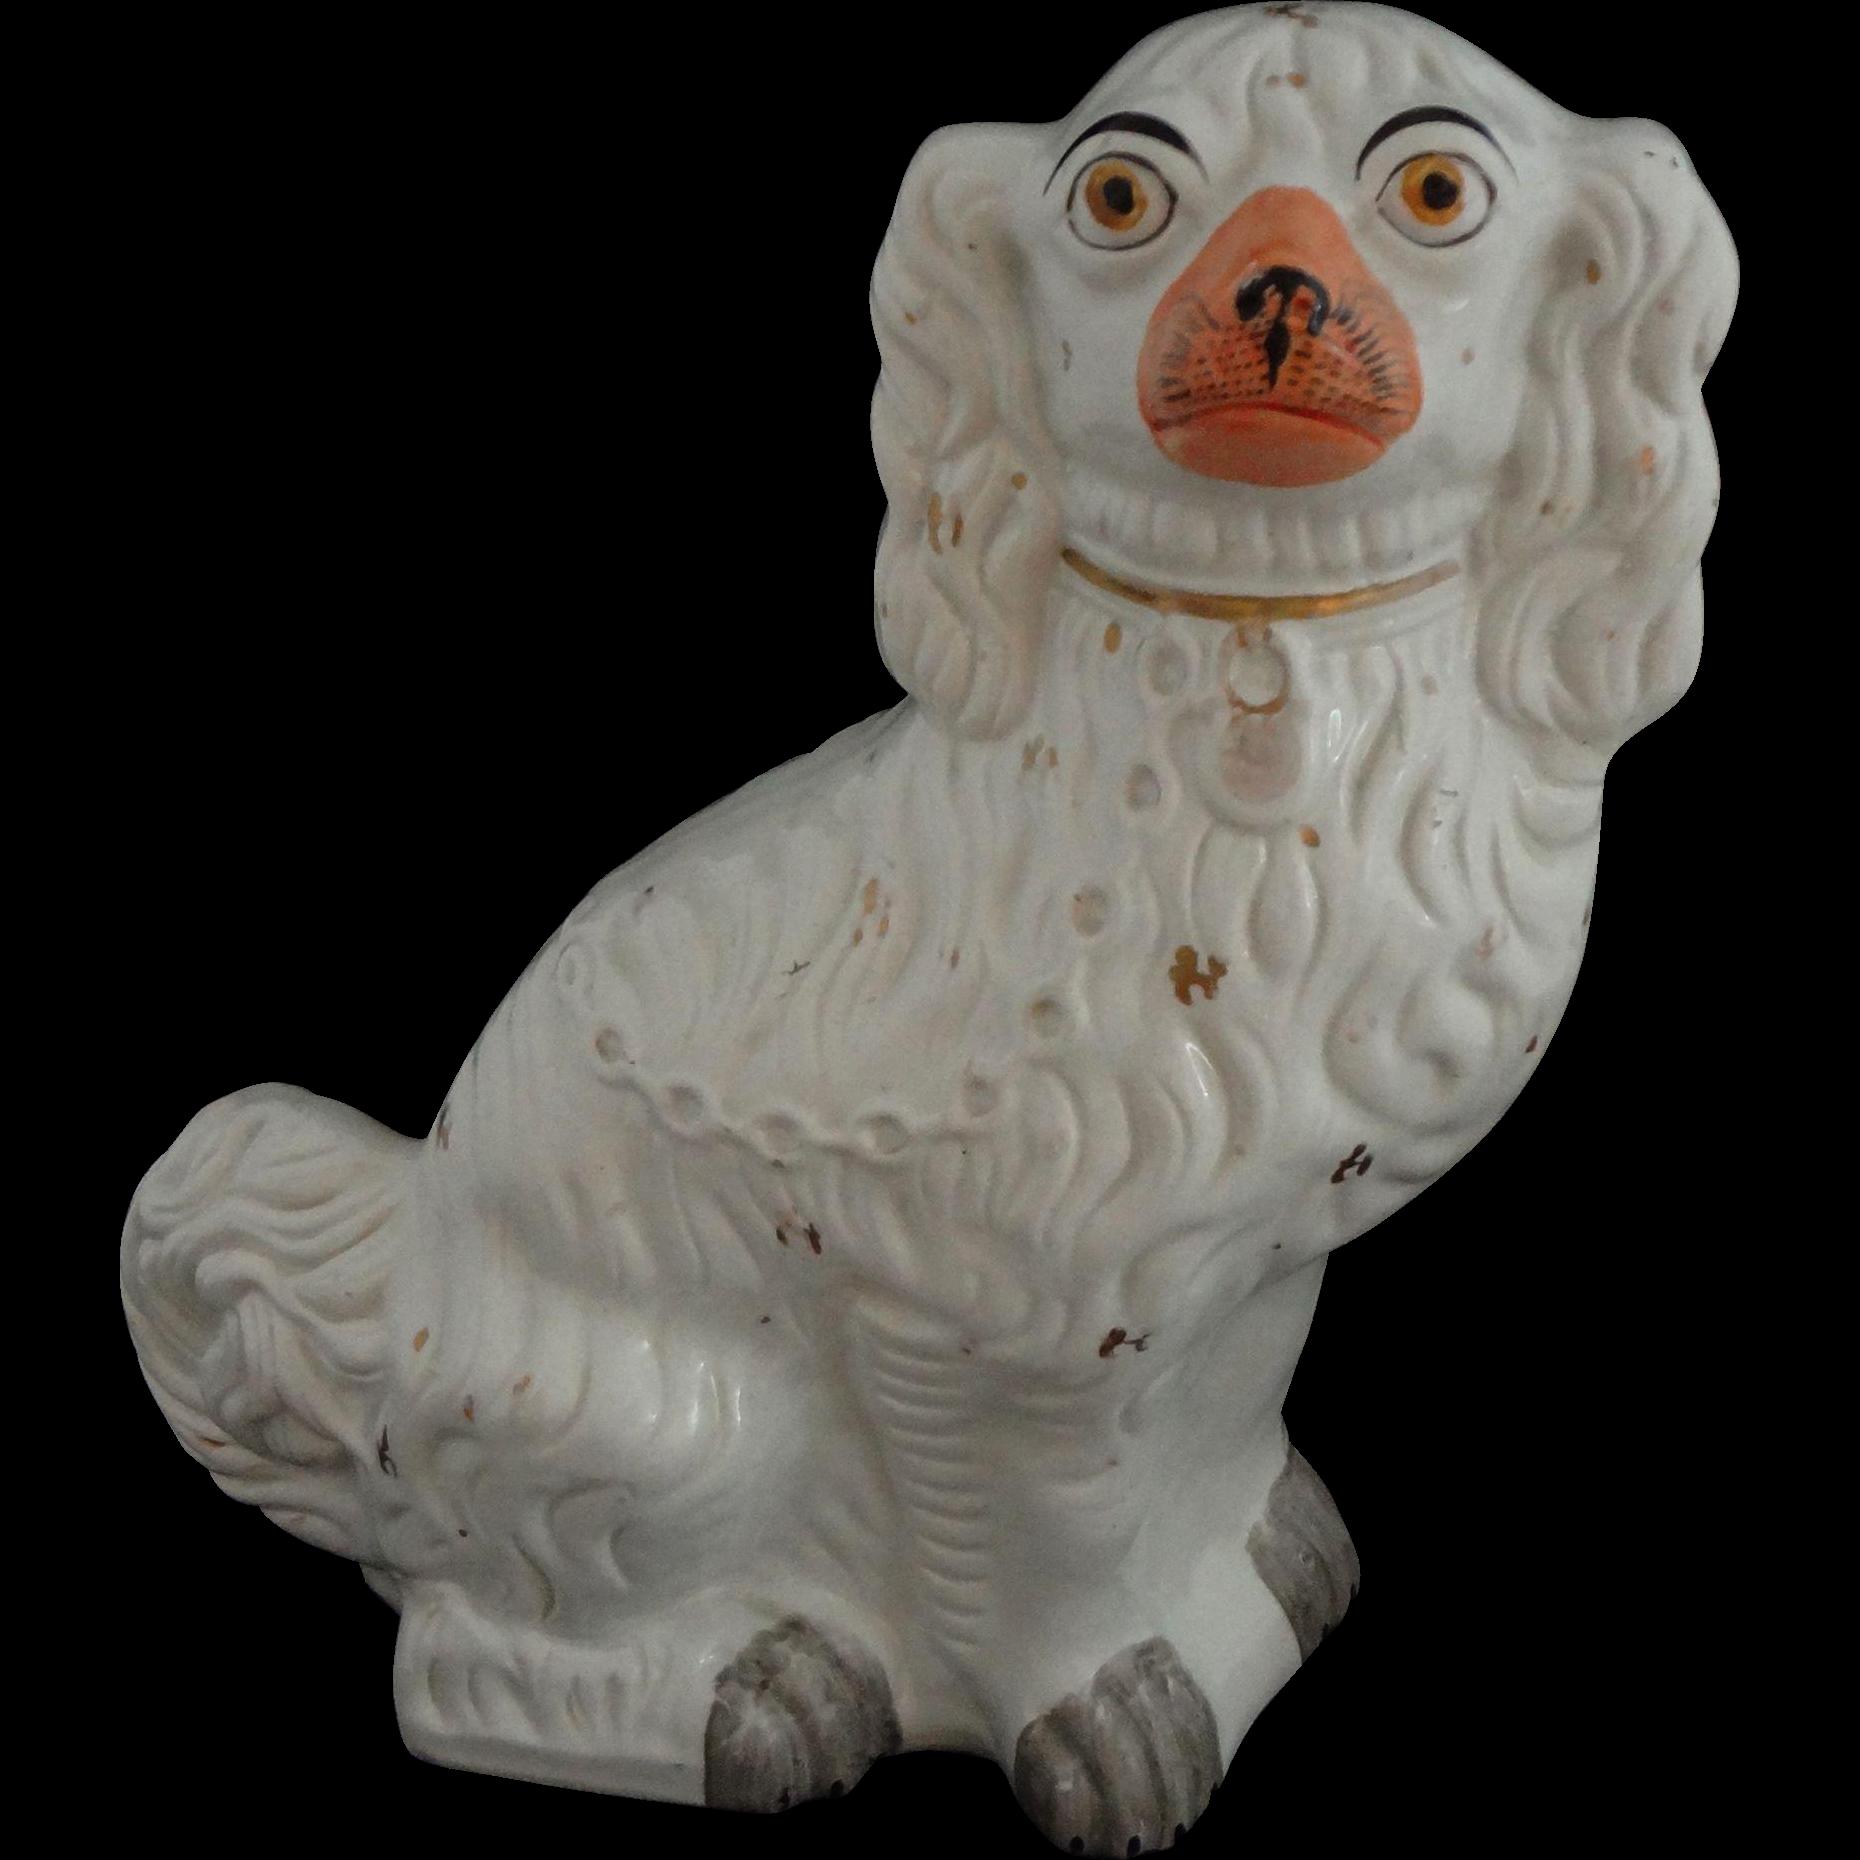 """Staffordshire Large 13"""" Spaniel Dog Gilt White Orange Muzzle - c. 19th Century, England"""